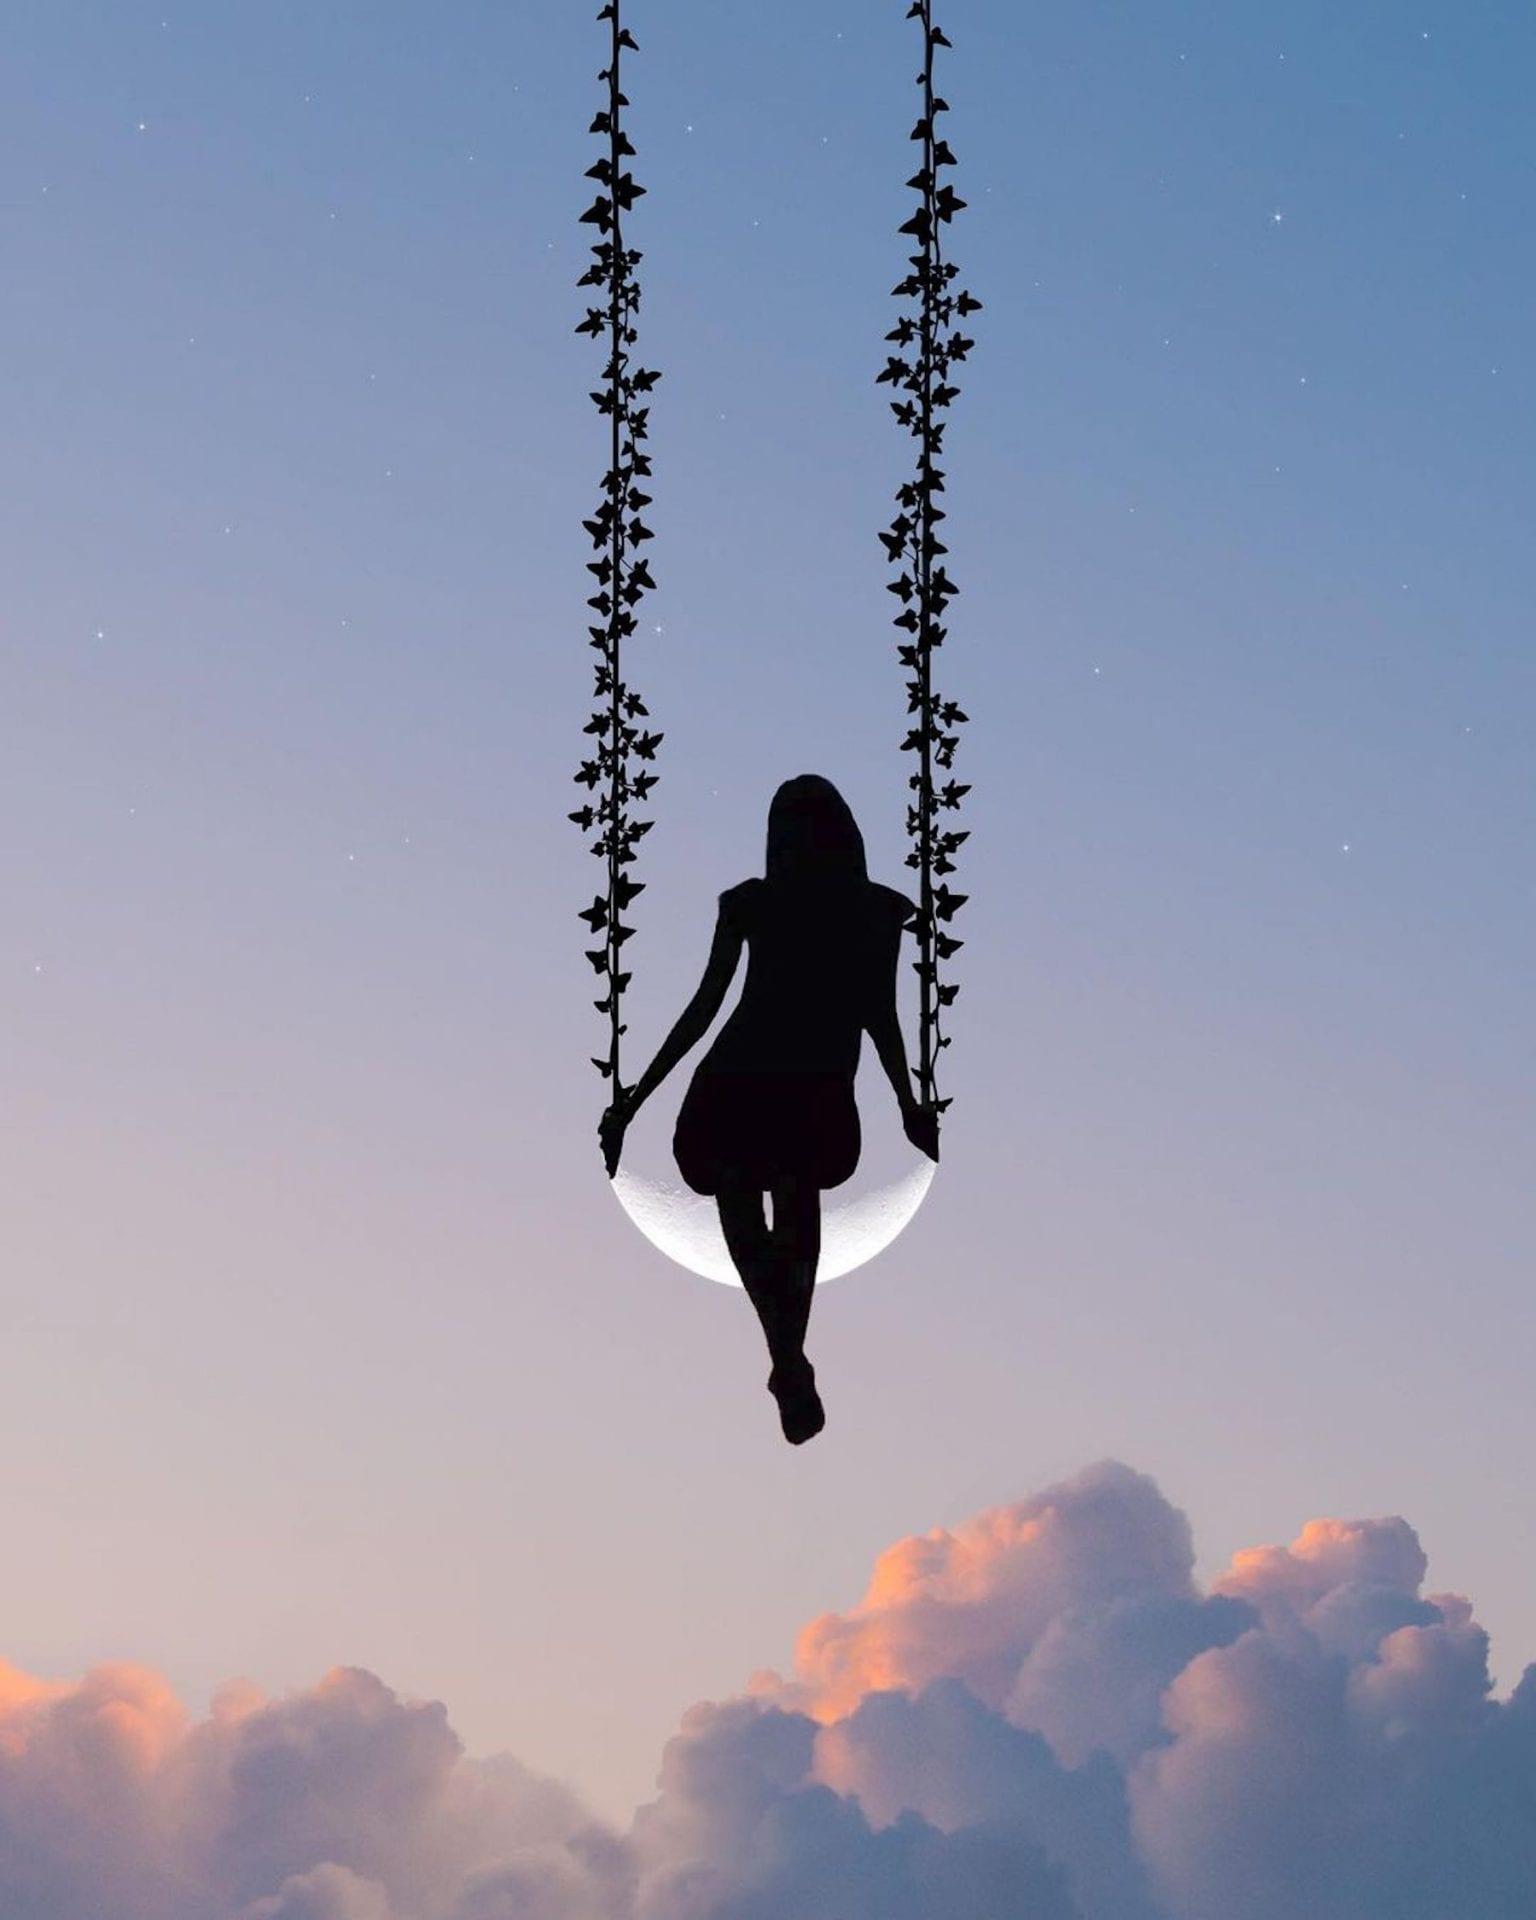 L'artiste Lân Nguyen superpose des silhouettes sur ses photos pour transformer les nuages en objets